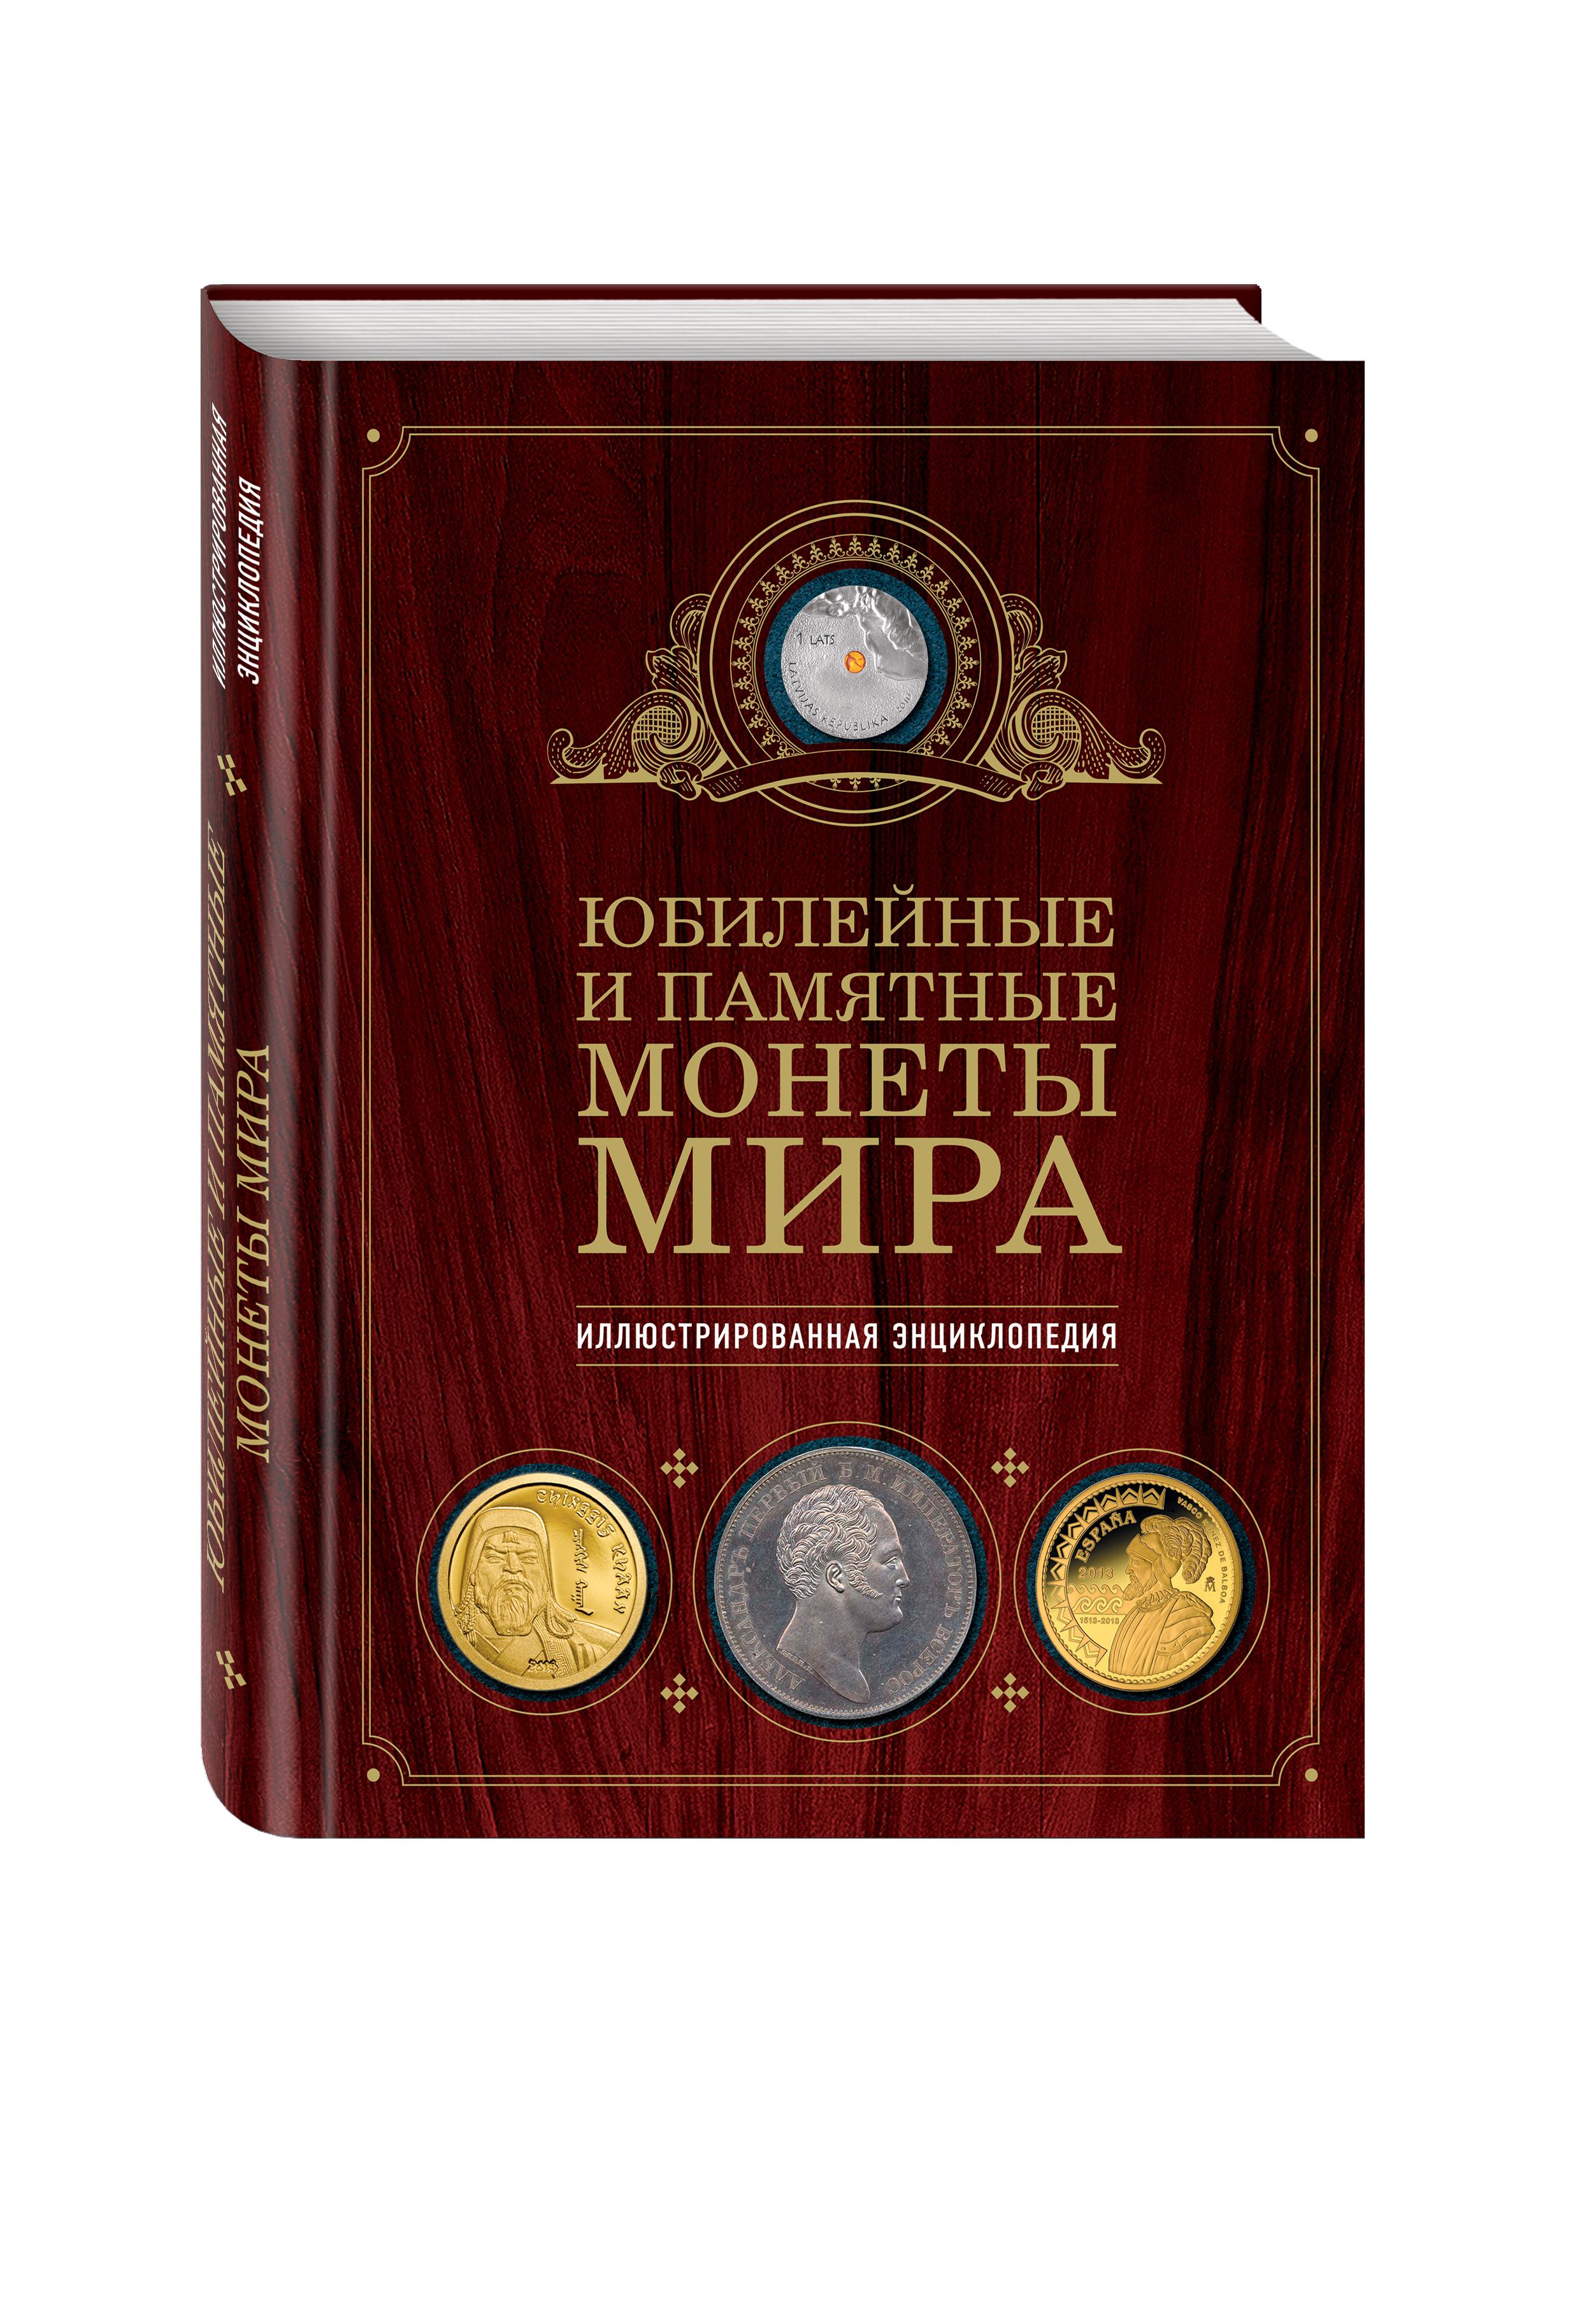 Юбилейные и памятные монеты мира ( Ларин-Подольский И.А.  )